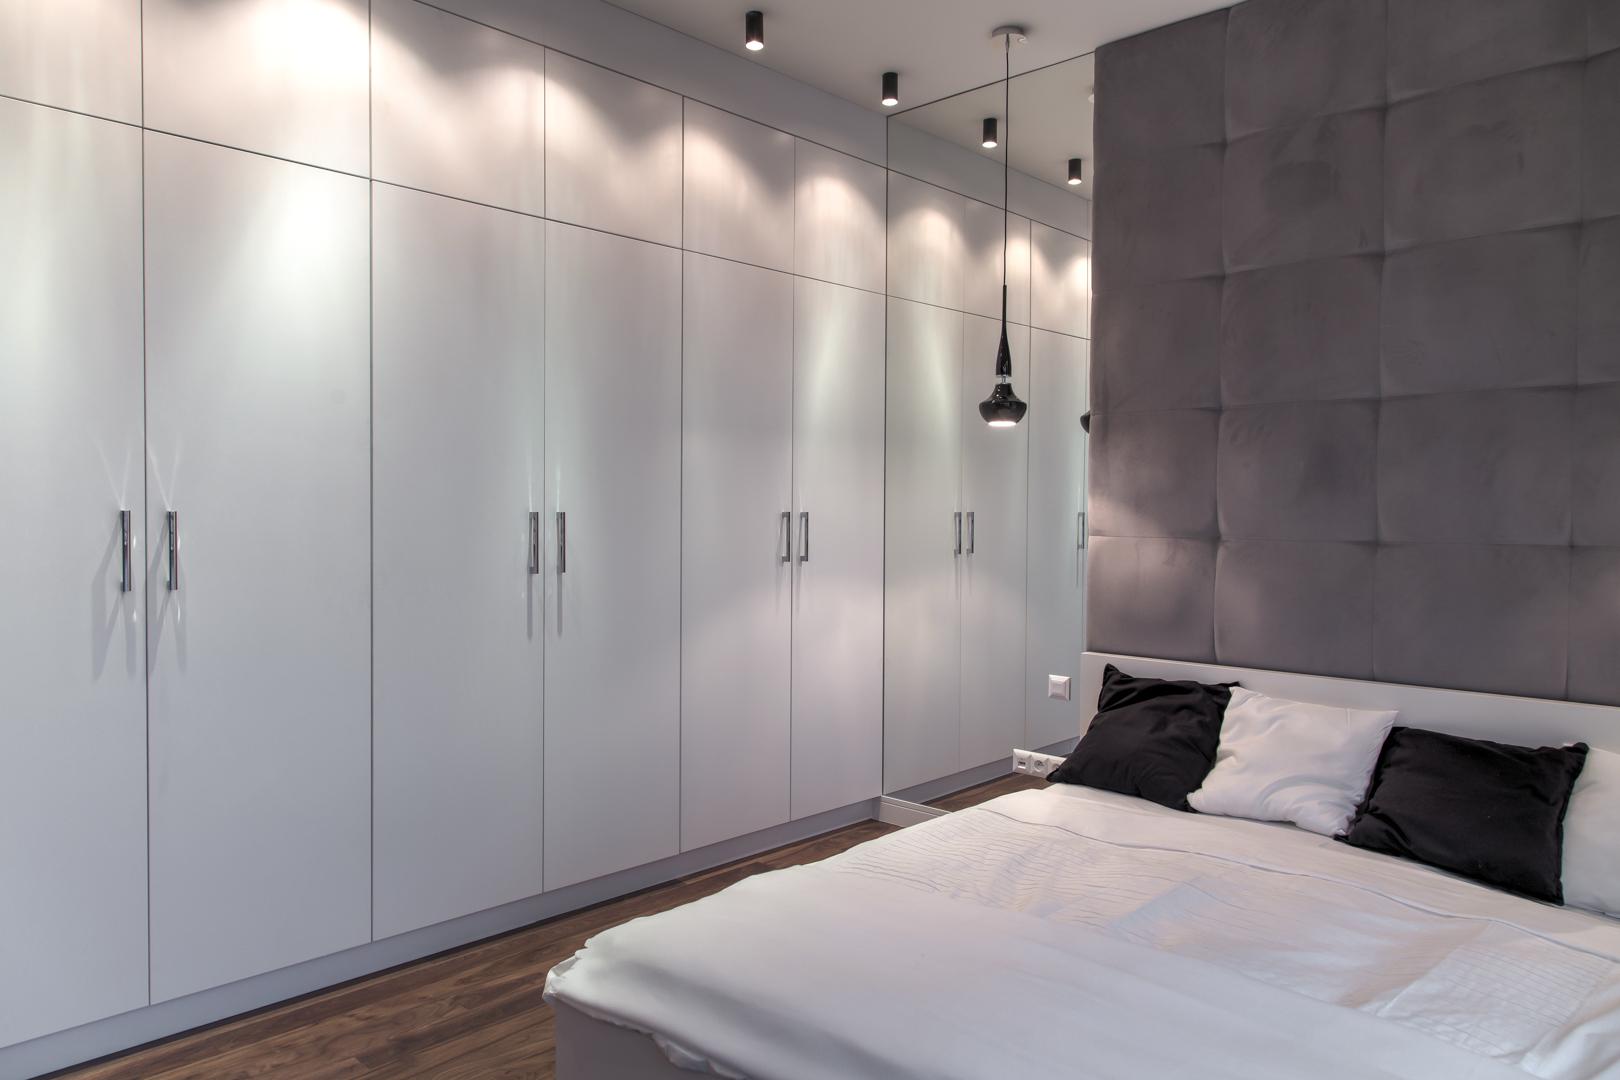 Sypialnia w stylu awangardowym z funkcjonalnymi rozwiązaniami